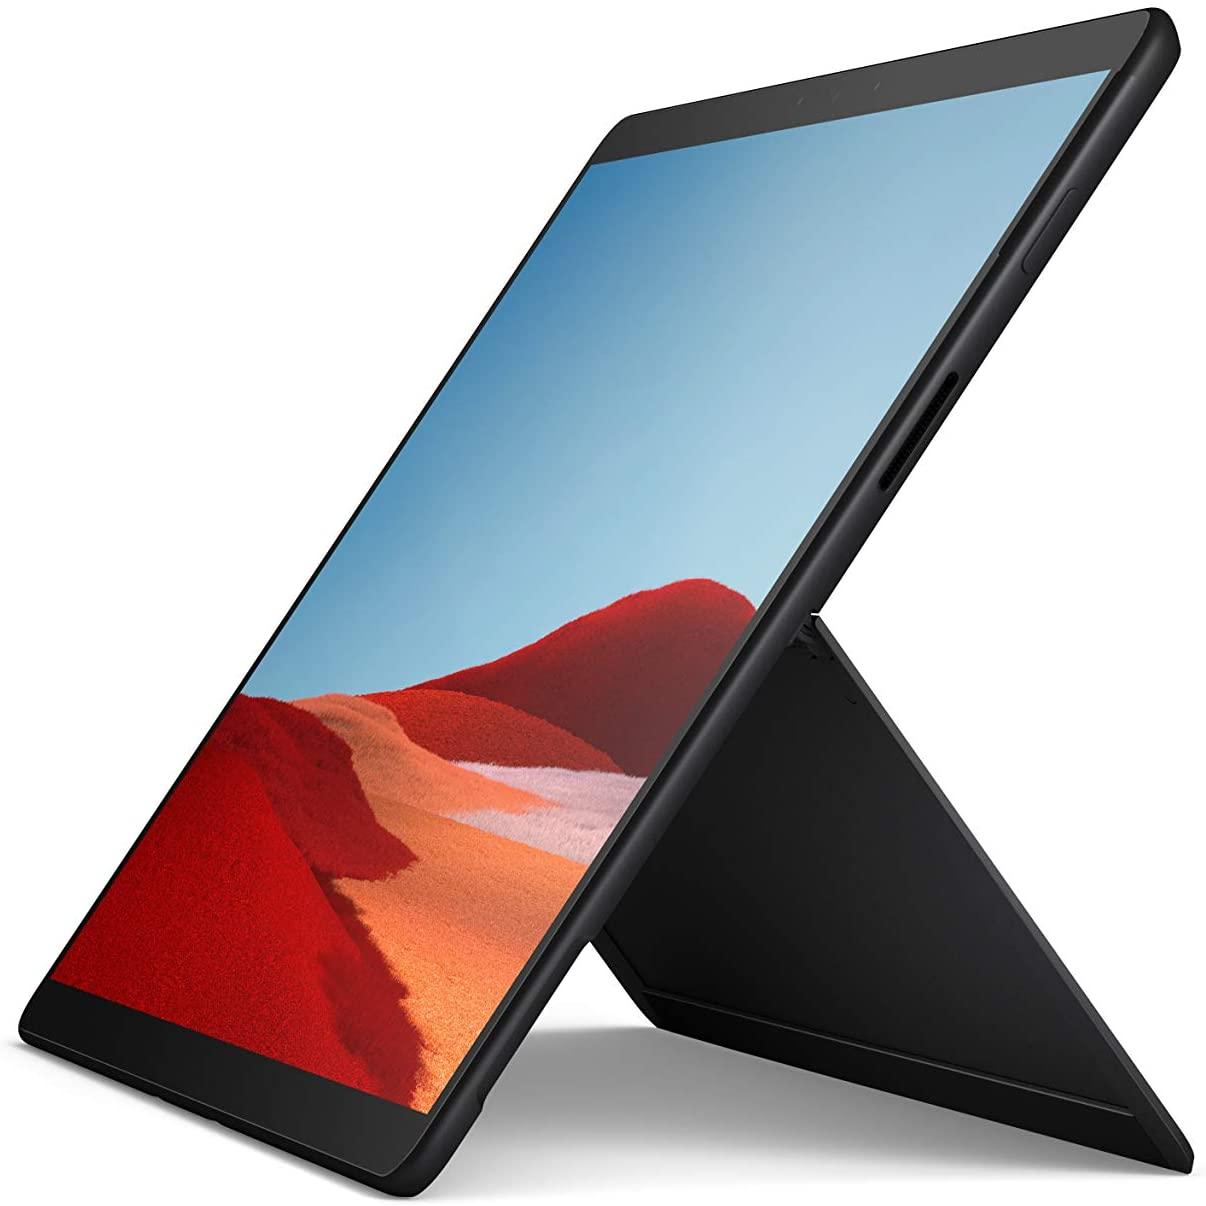 【2021年版】Windowsタブレットのおすすめ10選